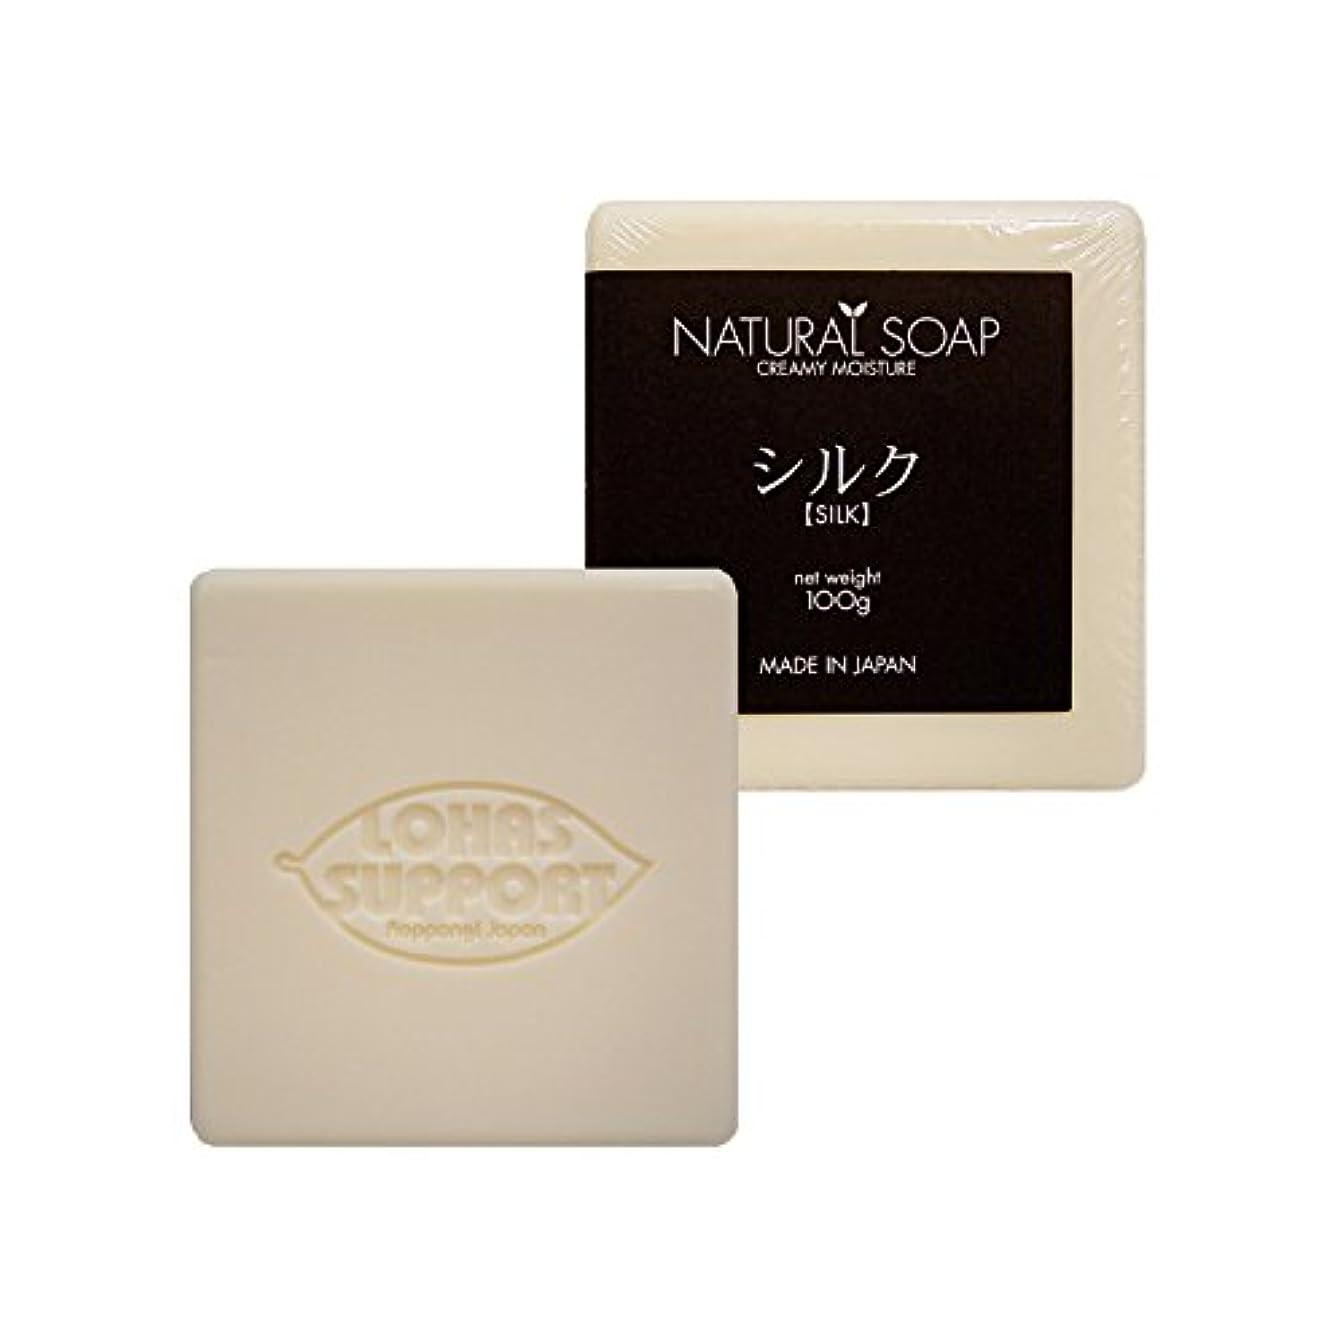 夜ホールドオールおしゃれなNATURAL SOAP